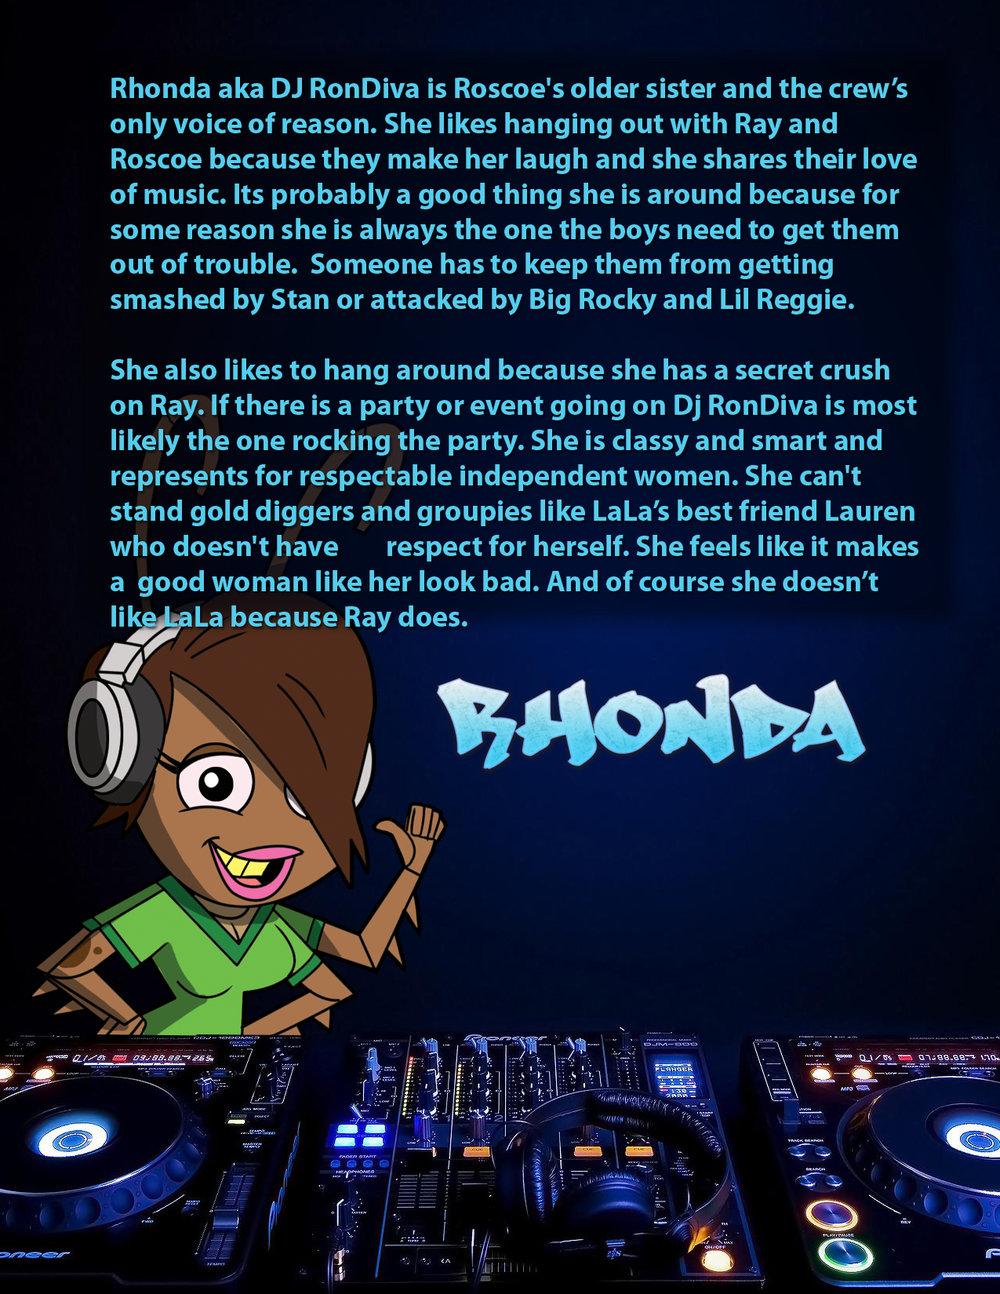 rhonda.jpeg